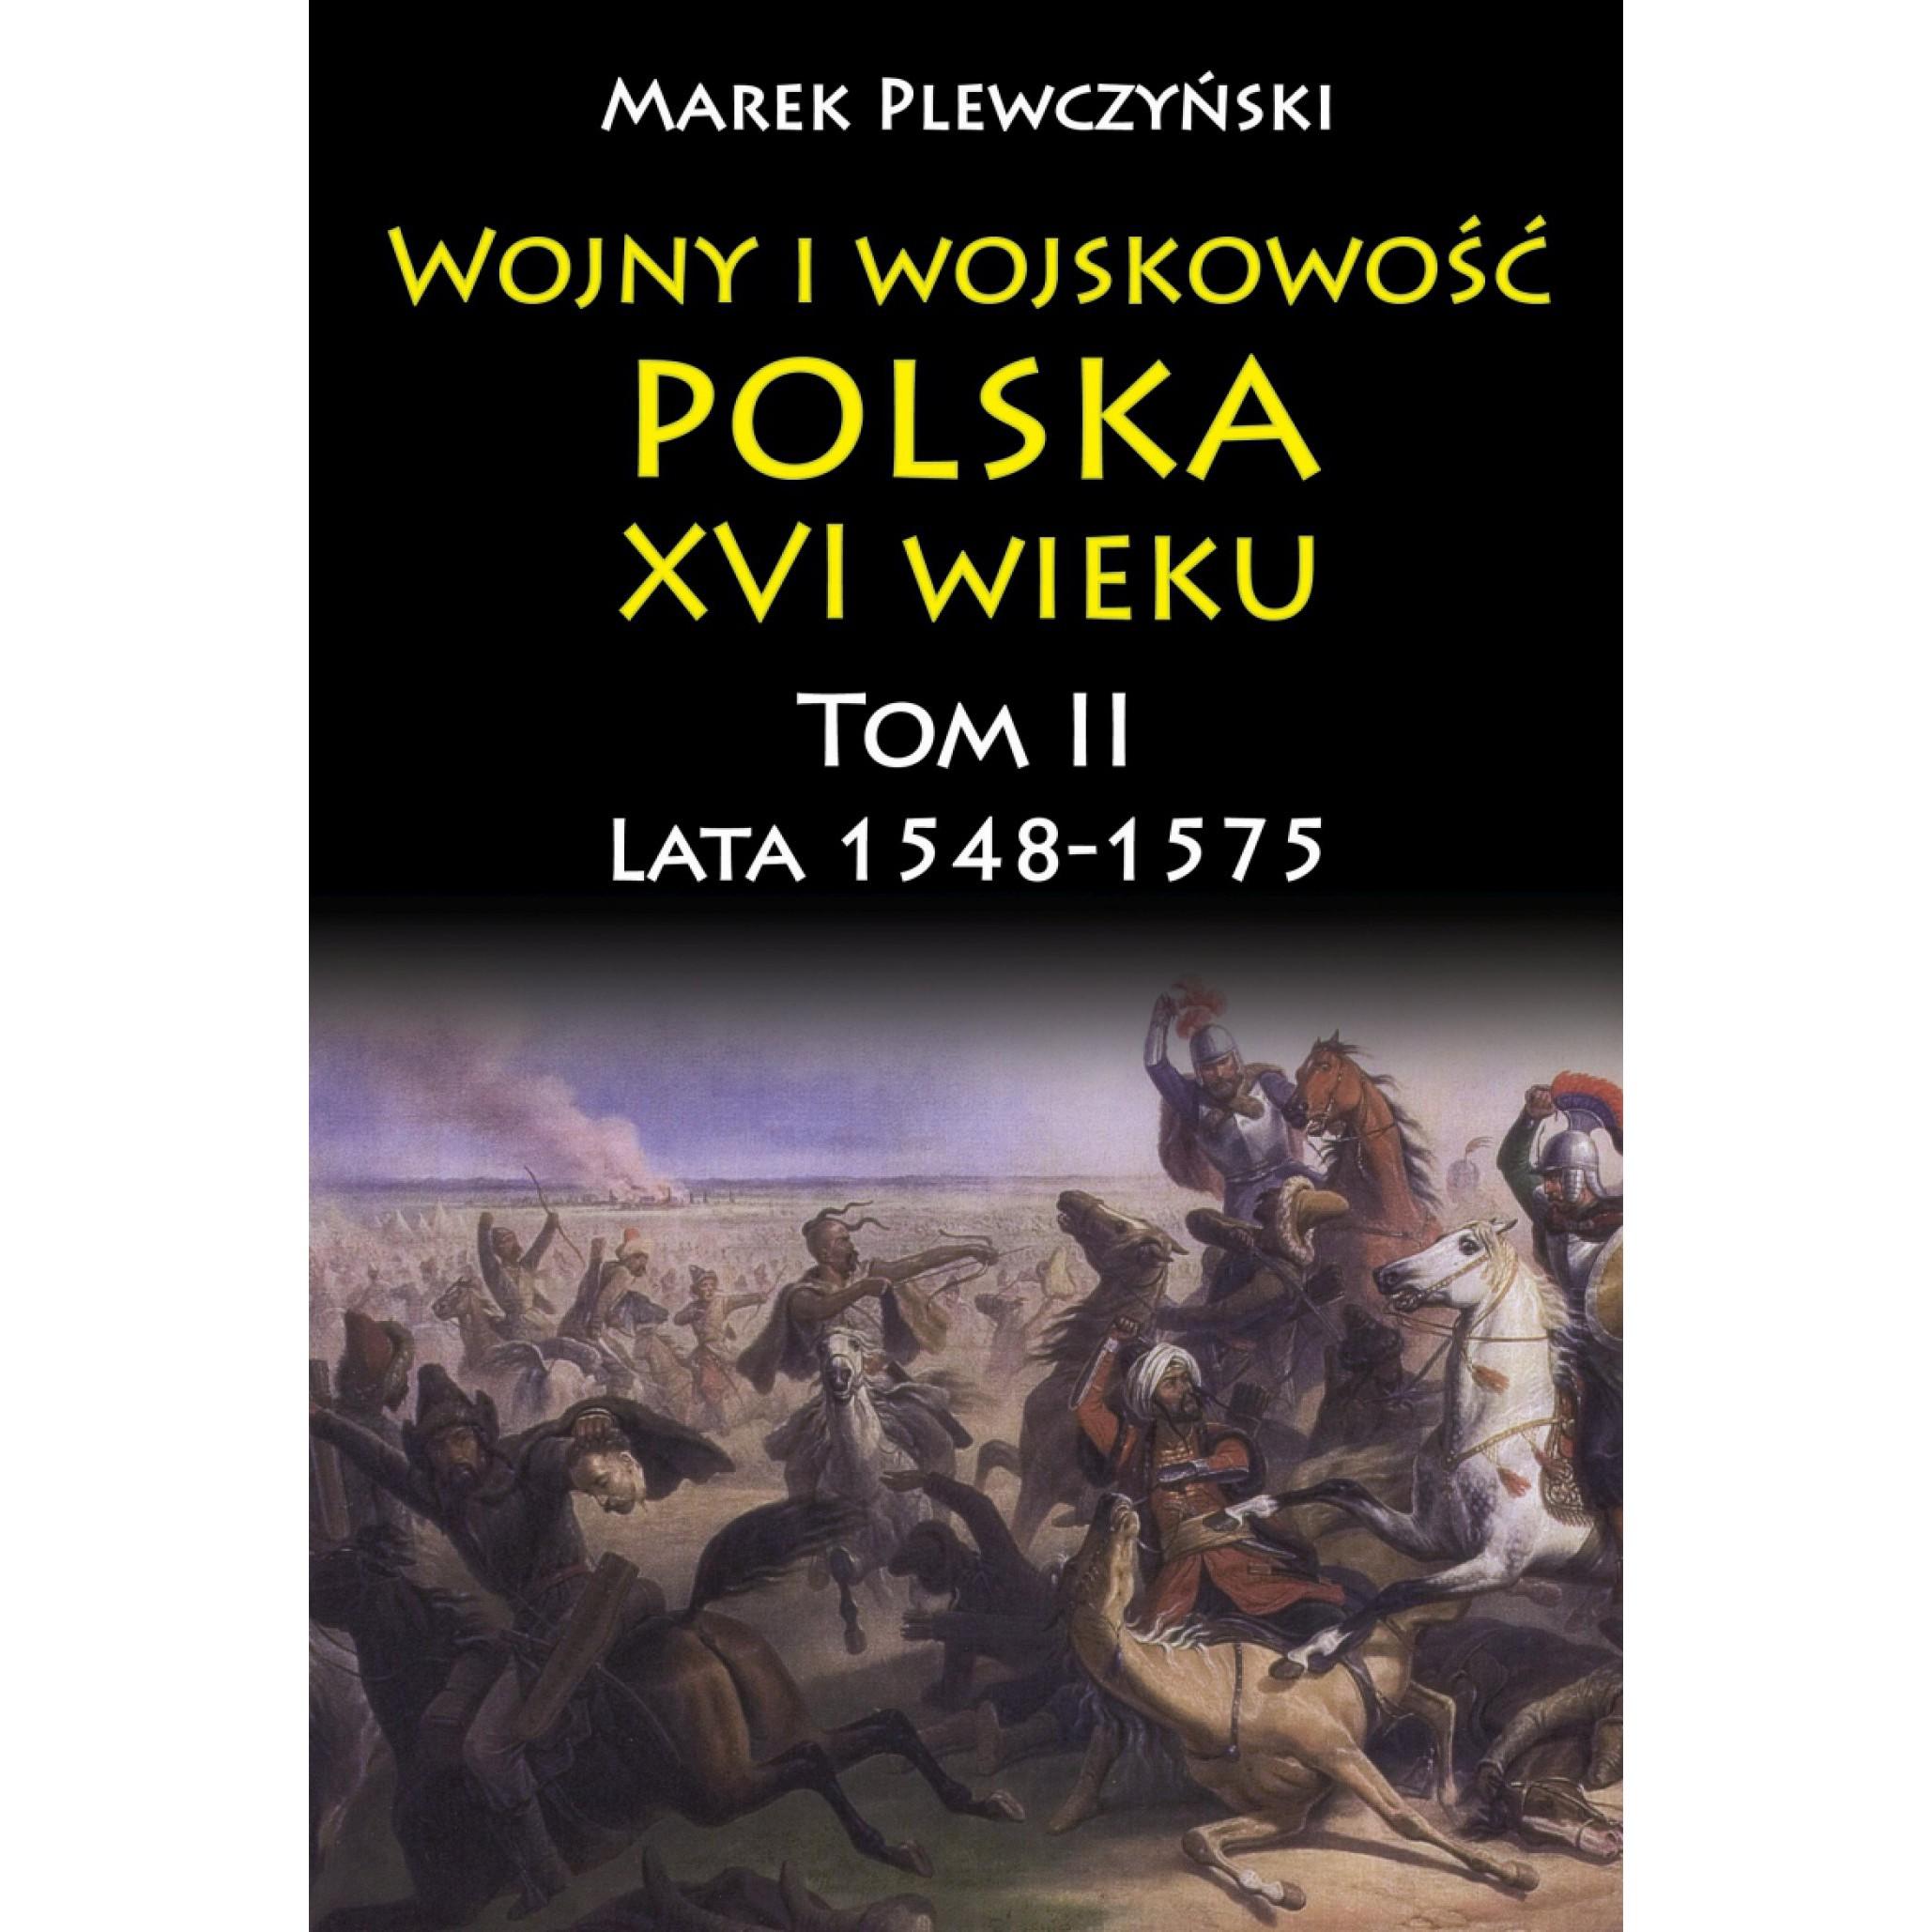 Wojny i wojskowość Polska XVI wieku tom II lata 1548-1575